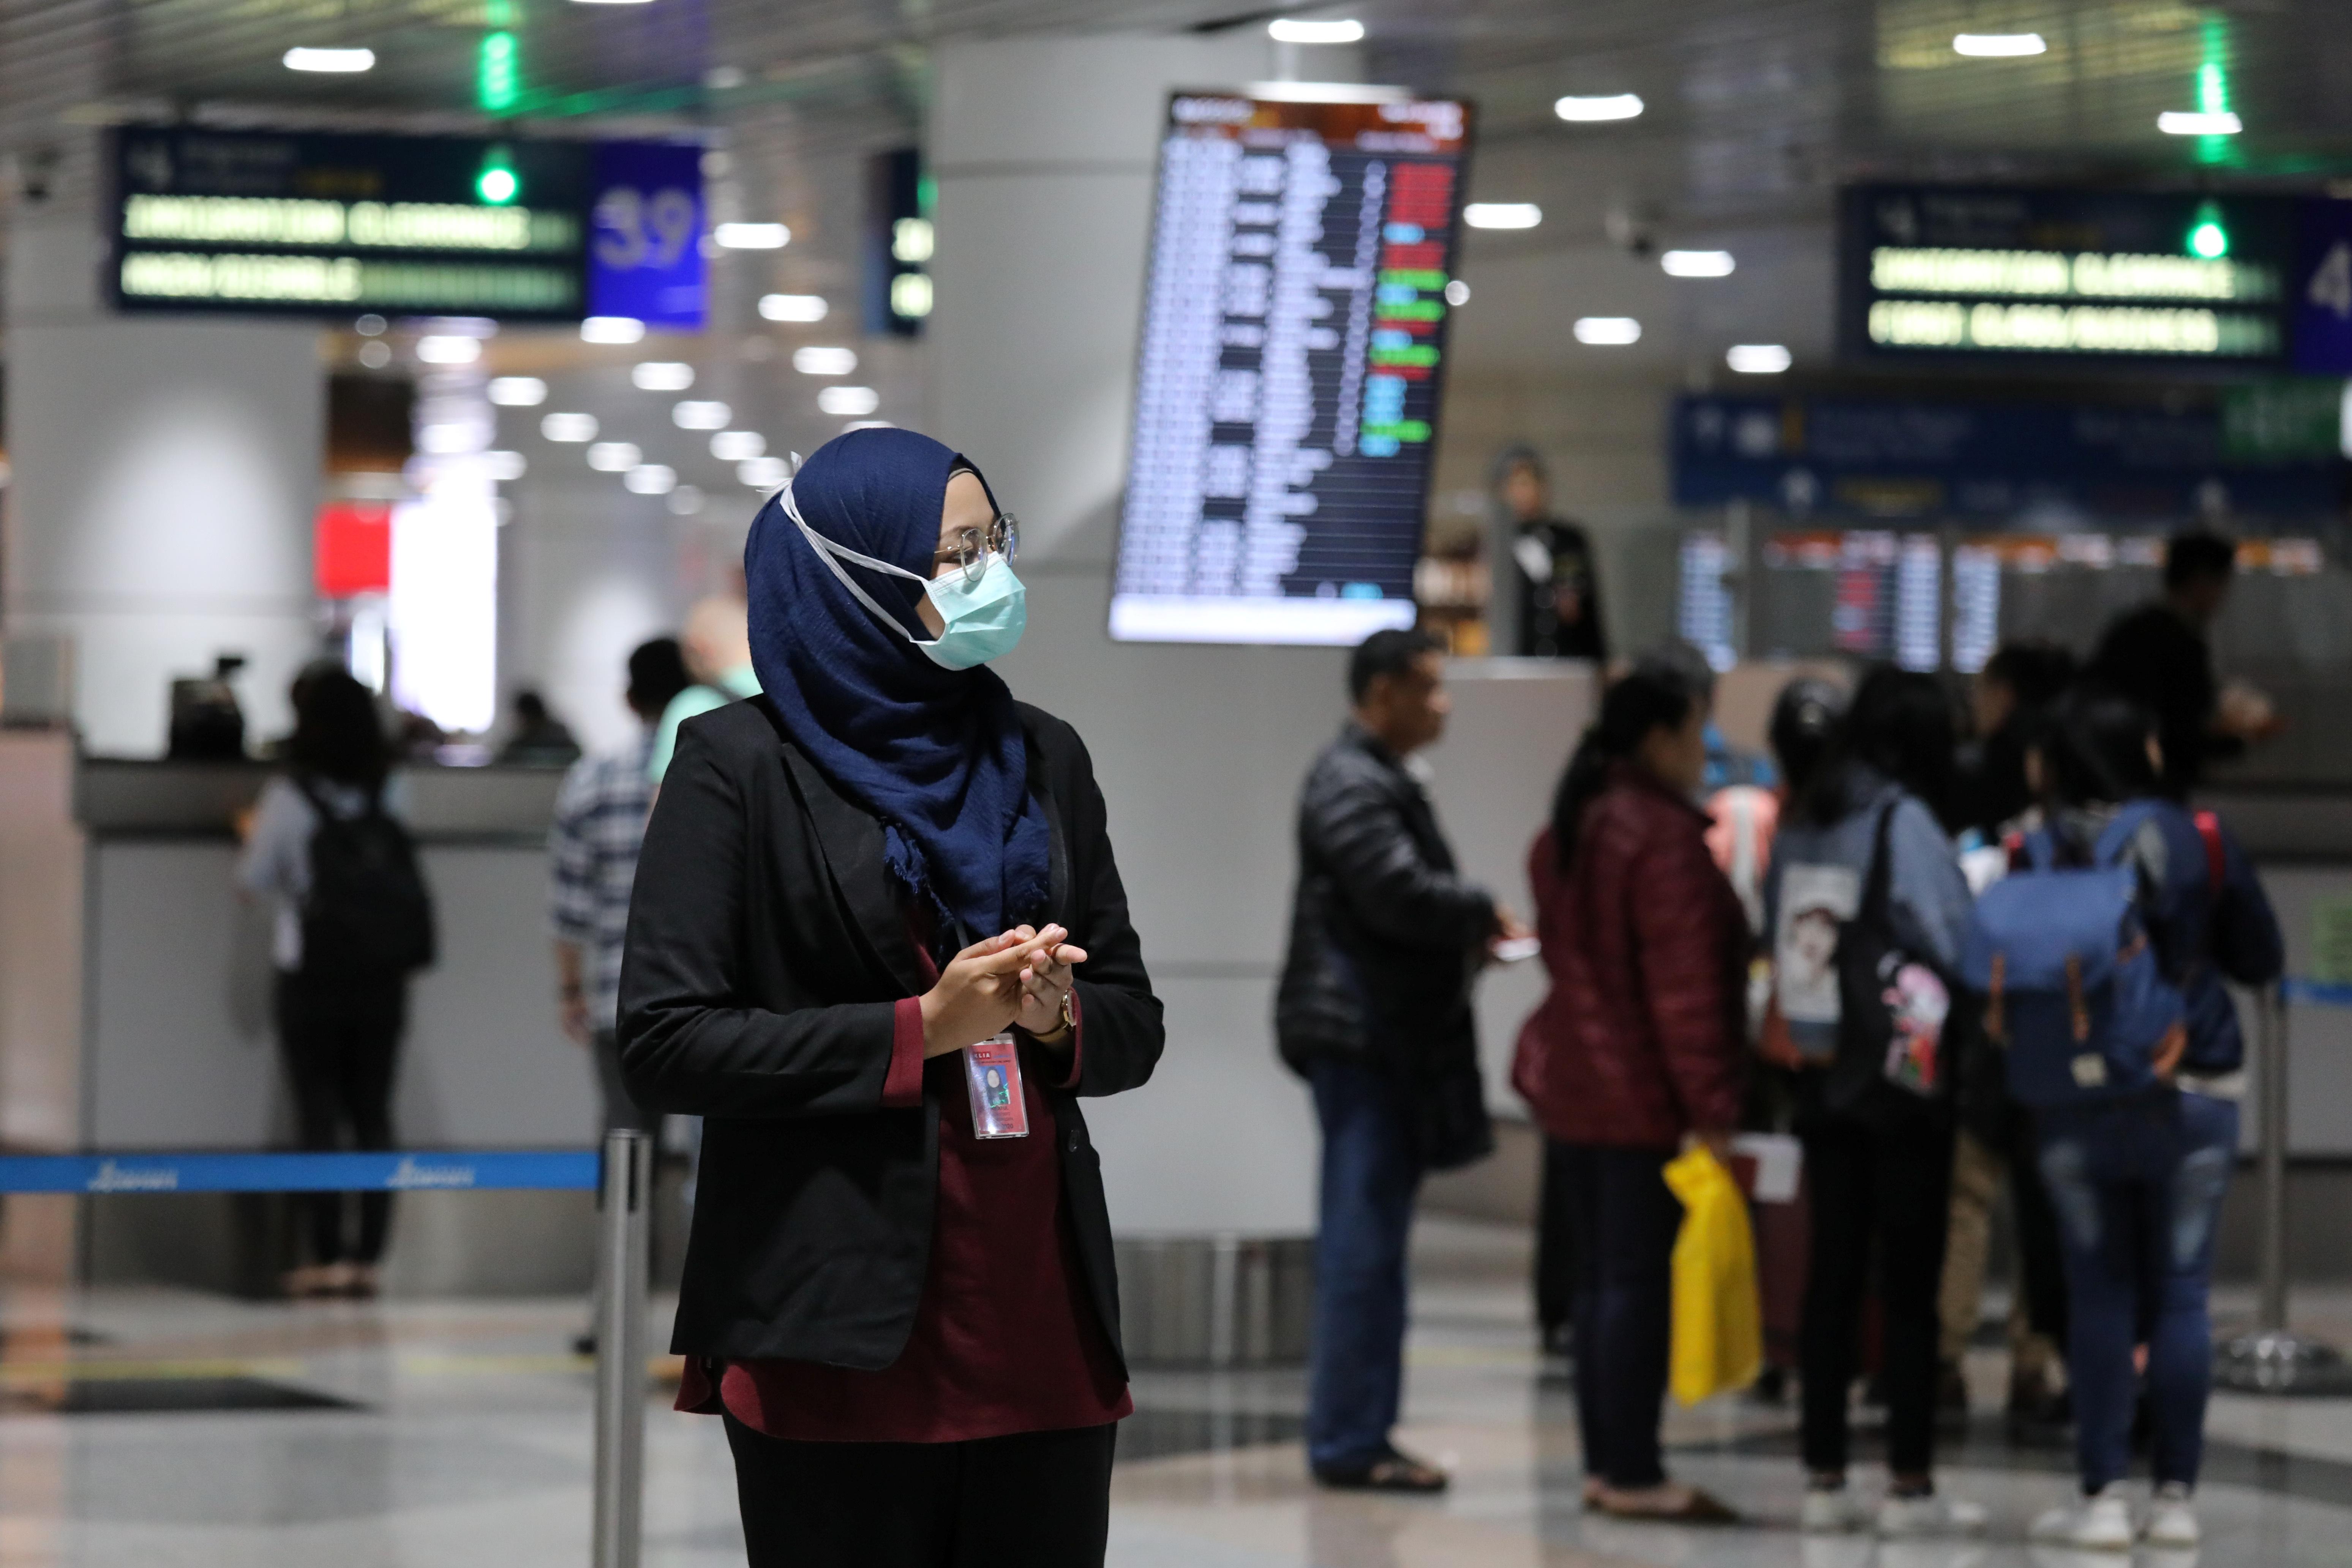 Un oficial de aviación usa una máscara en el aeropuerto internacional de Kuala Lumpur en Sepang, Malasia, el 21 de enero de 2020. REUTERS / Lim Huey Teng